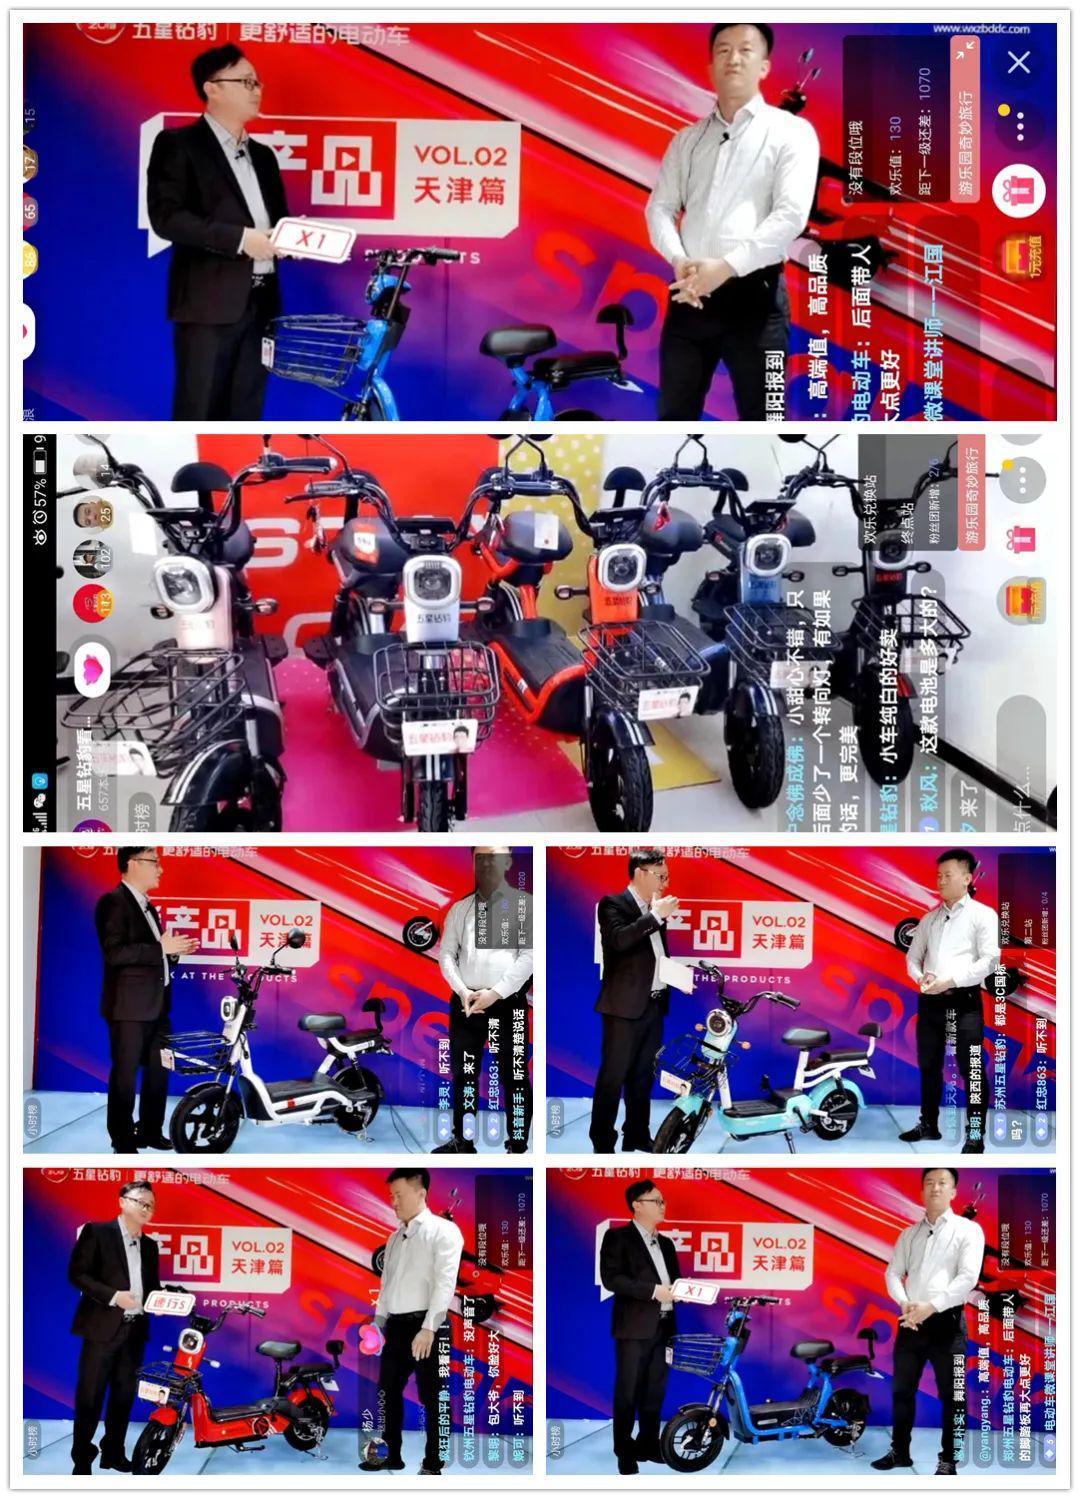 豹子王最新版下载-豹子王官网版_5577安卓网